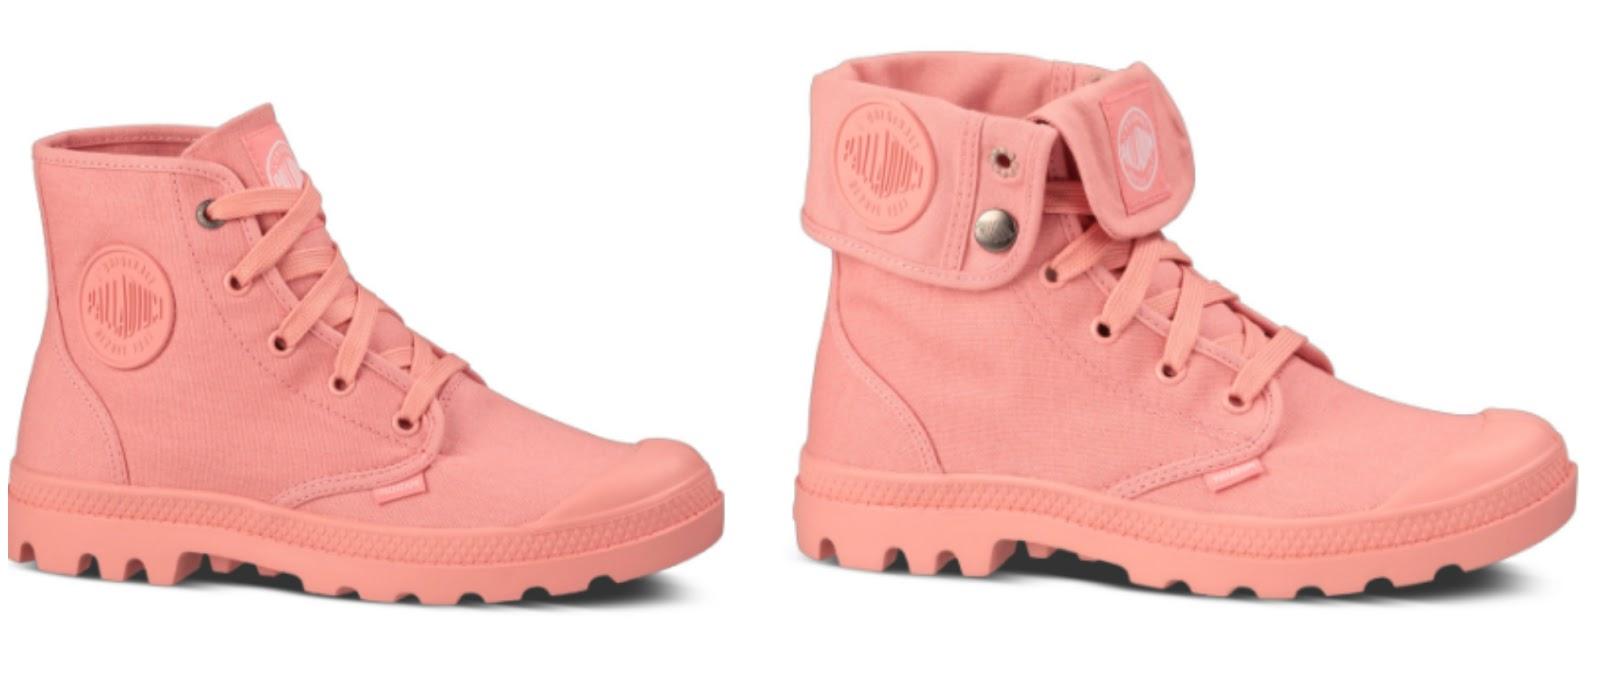 58325b166d9 Stuur een mailtje naar petra @ sprinklesonacupcake.com waarom jij graag dit  paar schoenen wilt winnen, en voor welke maat/model je ...